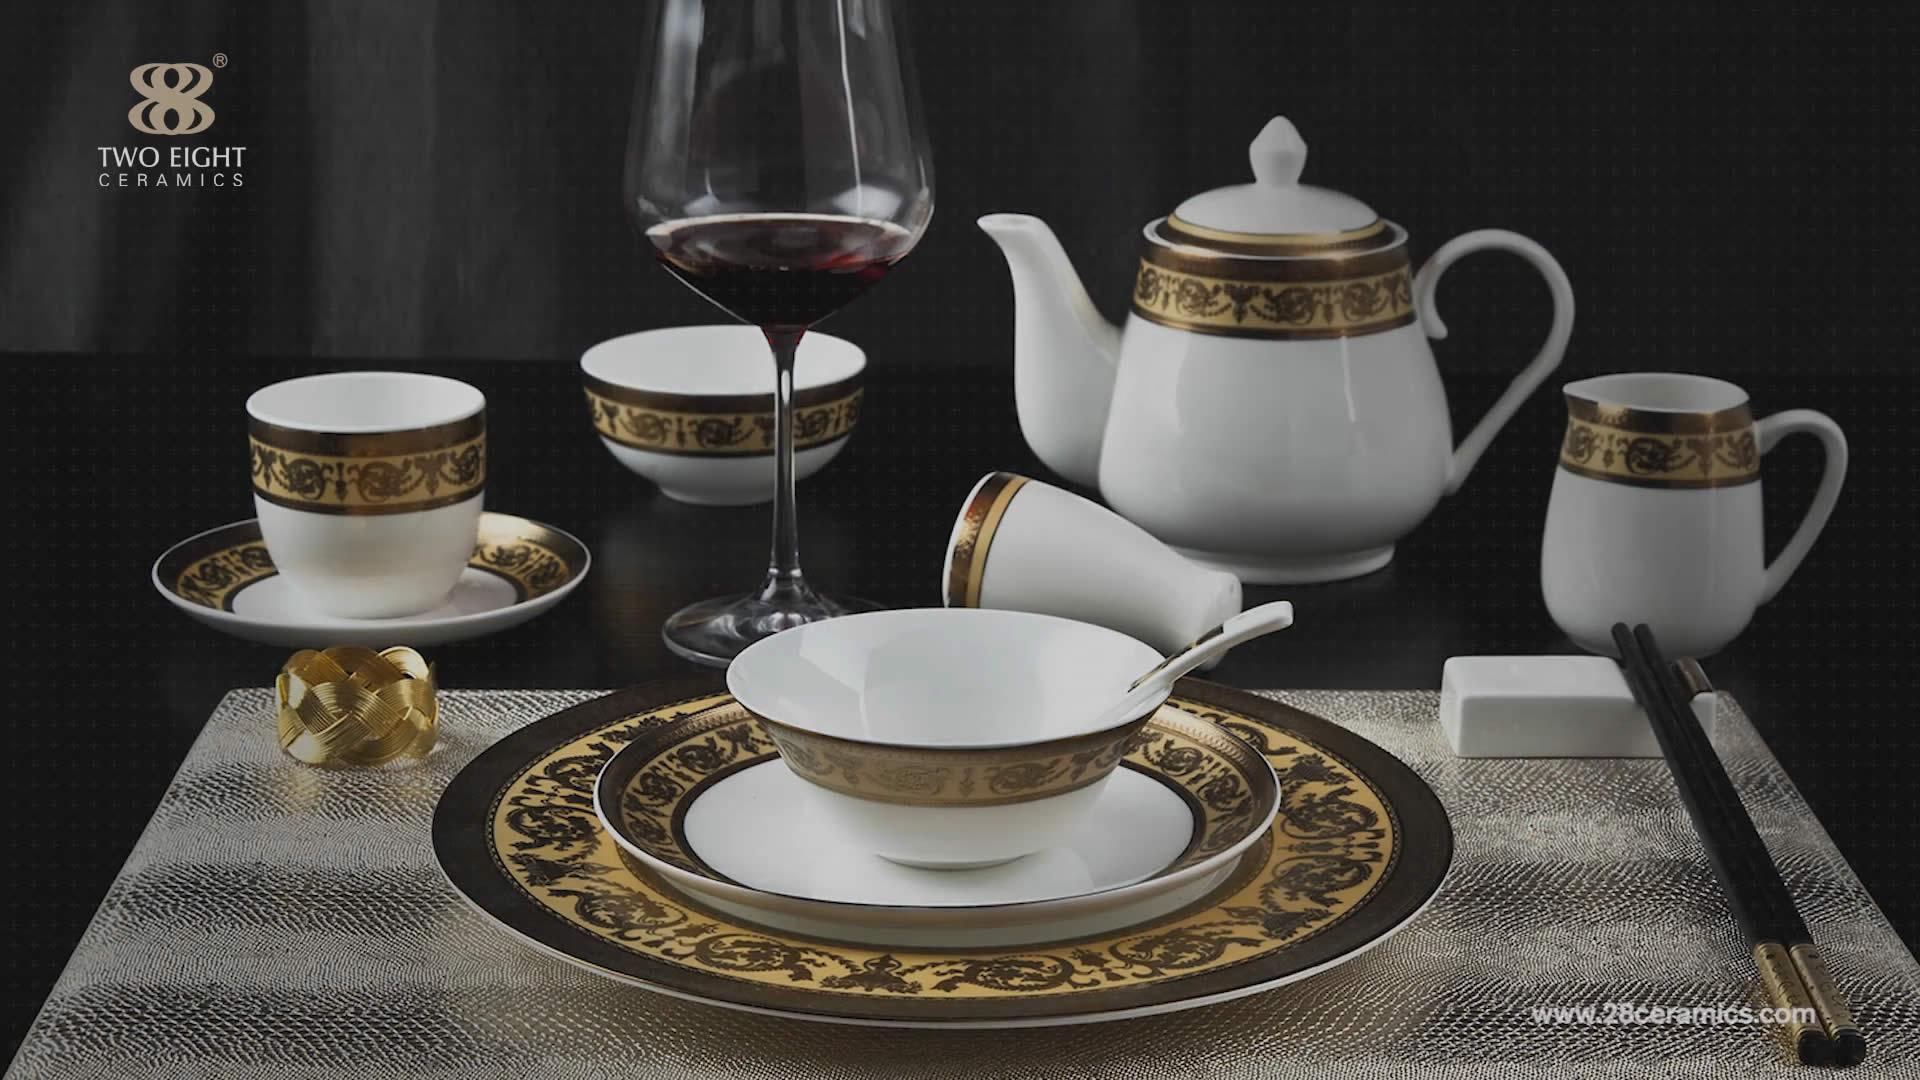 Decals Ceramic Tableware